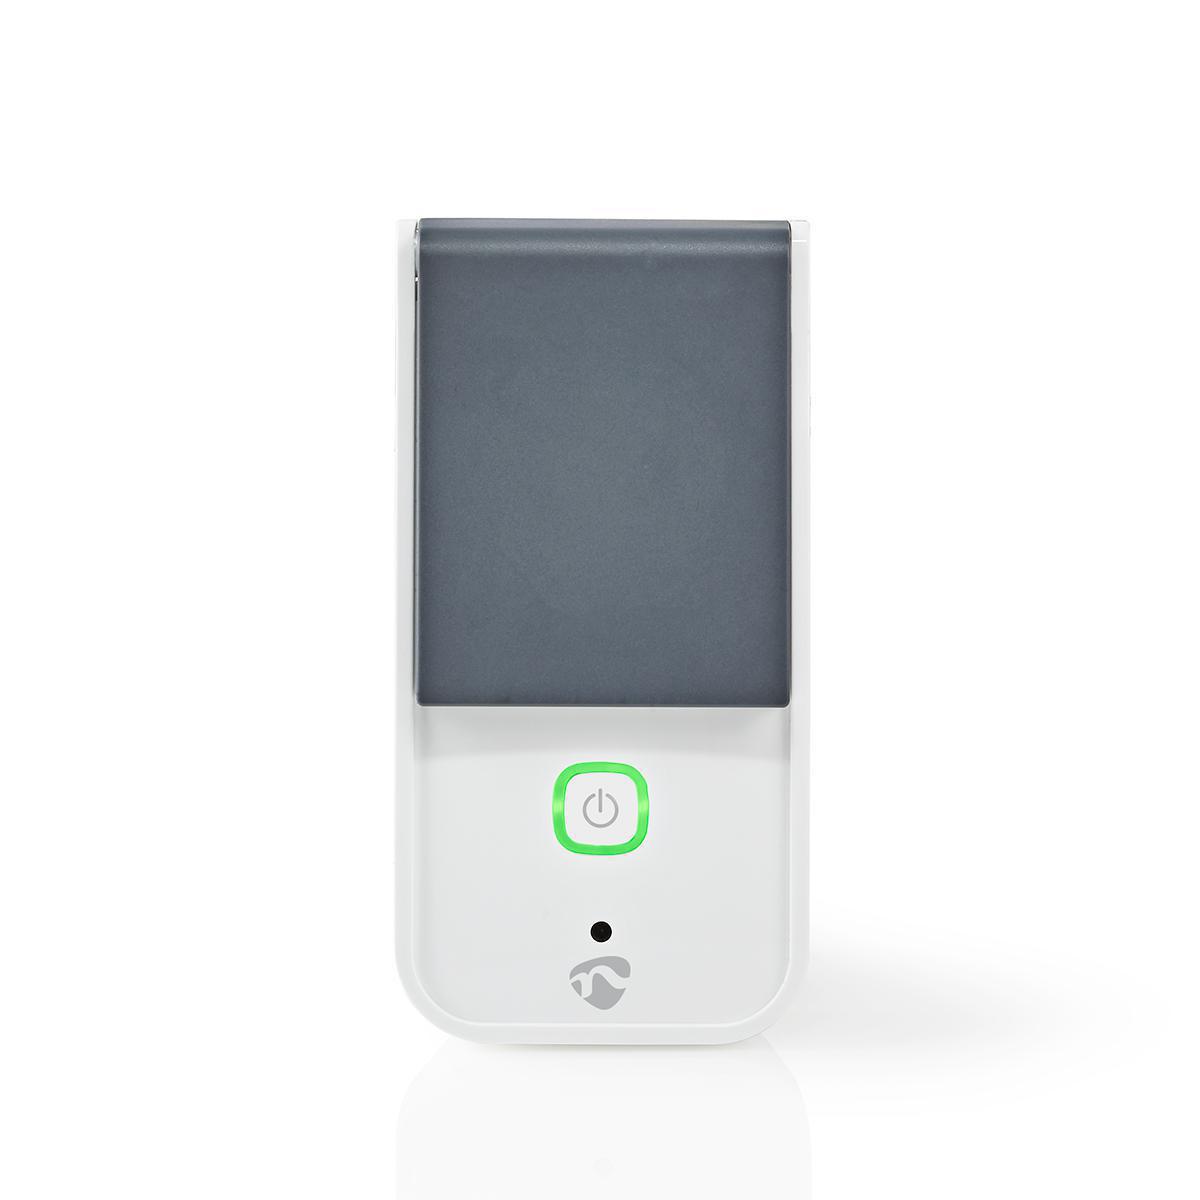 Bedien ieder apparaat voor buiten van op afstand door ze eenvoudigweg op deze draadloze smart-stopcontact aan te sluiten en je smartphone of tablet te verbinden met je Wi-Fi-router.<br /> <br /> Eenvoudig in te stellen<br /> Je hoeft echt geen technisch wonder of elektr